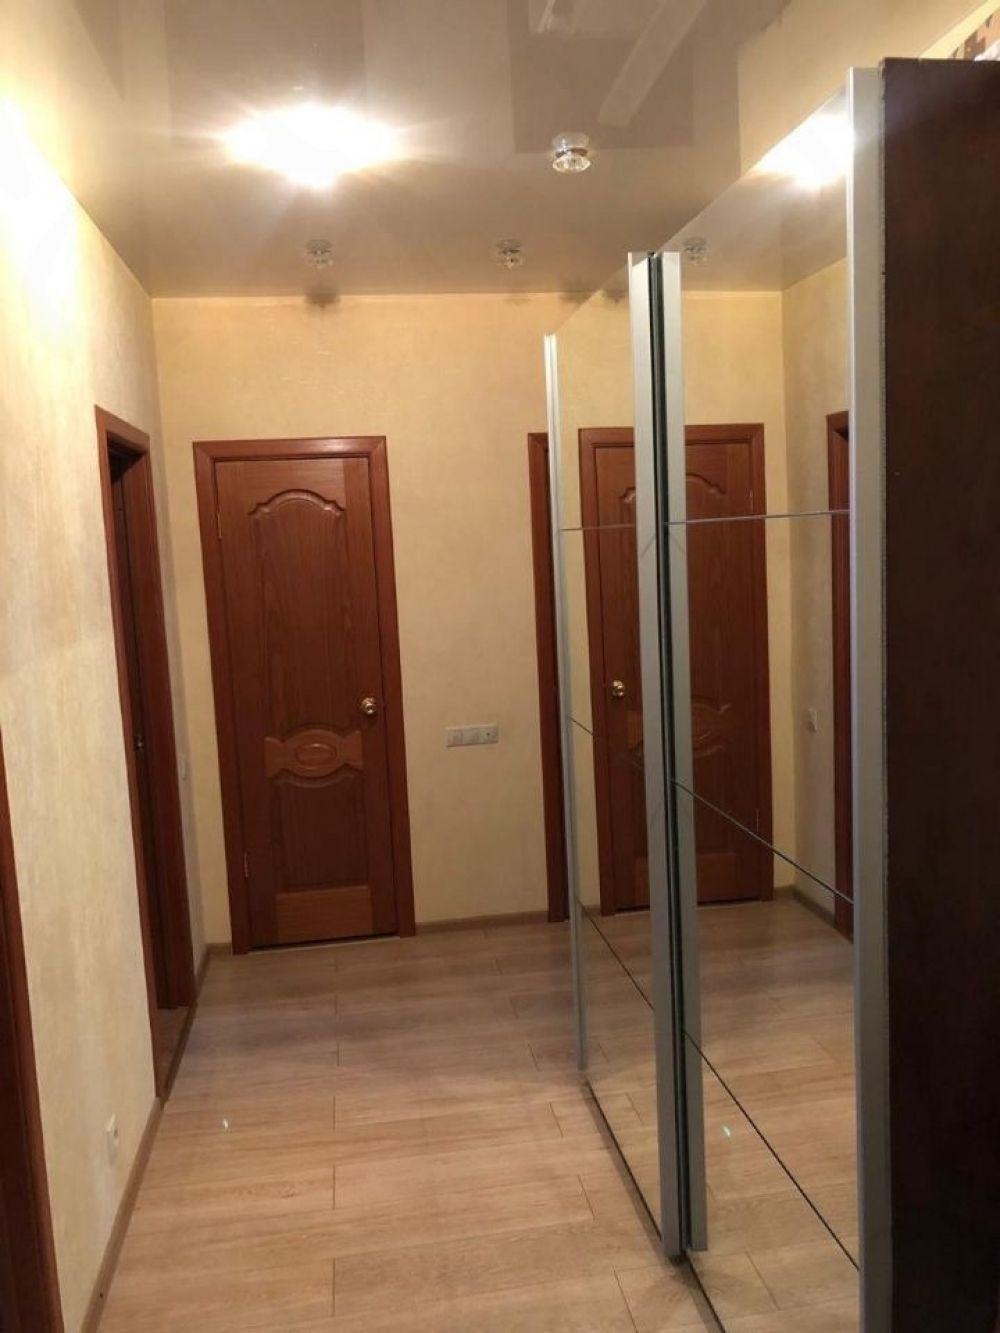 2-к квартира, Щёлково, Богородский 15, фото 17